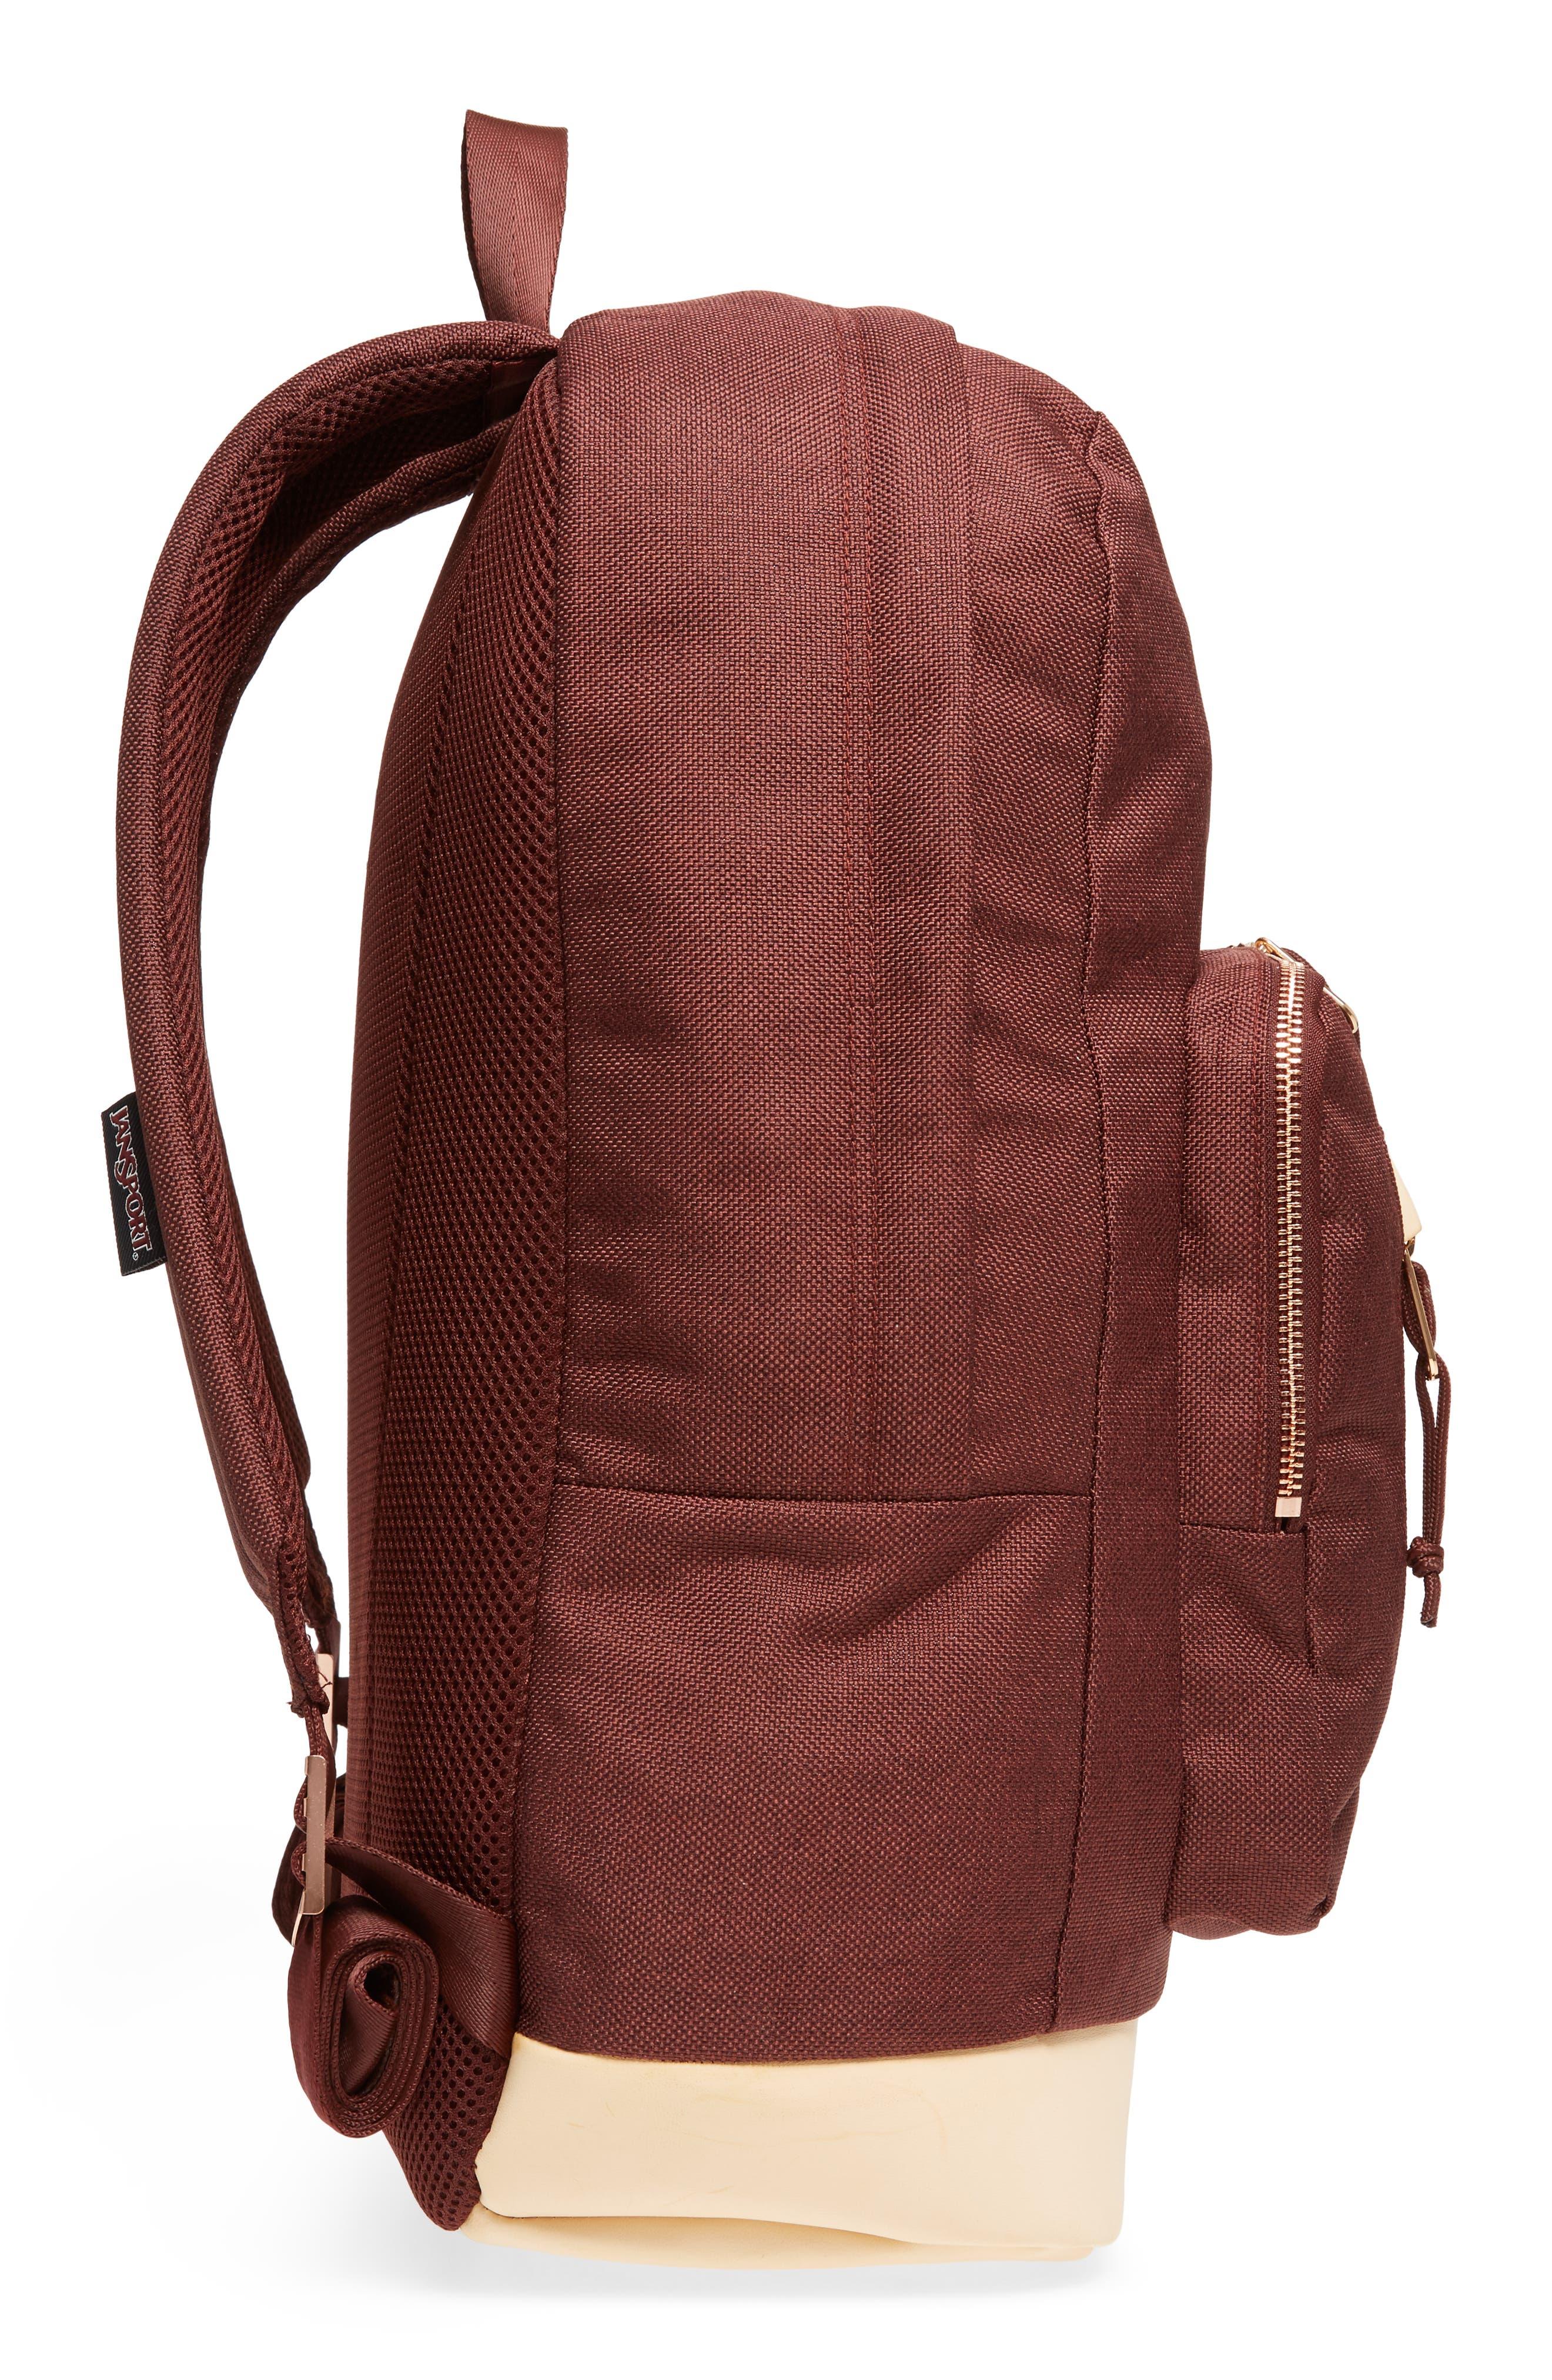 Red Rocks Axiom Backpack,                             Alternate thumbnail 5, color,                             Maroon Tweed